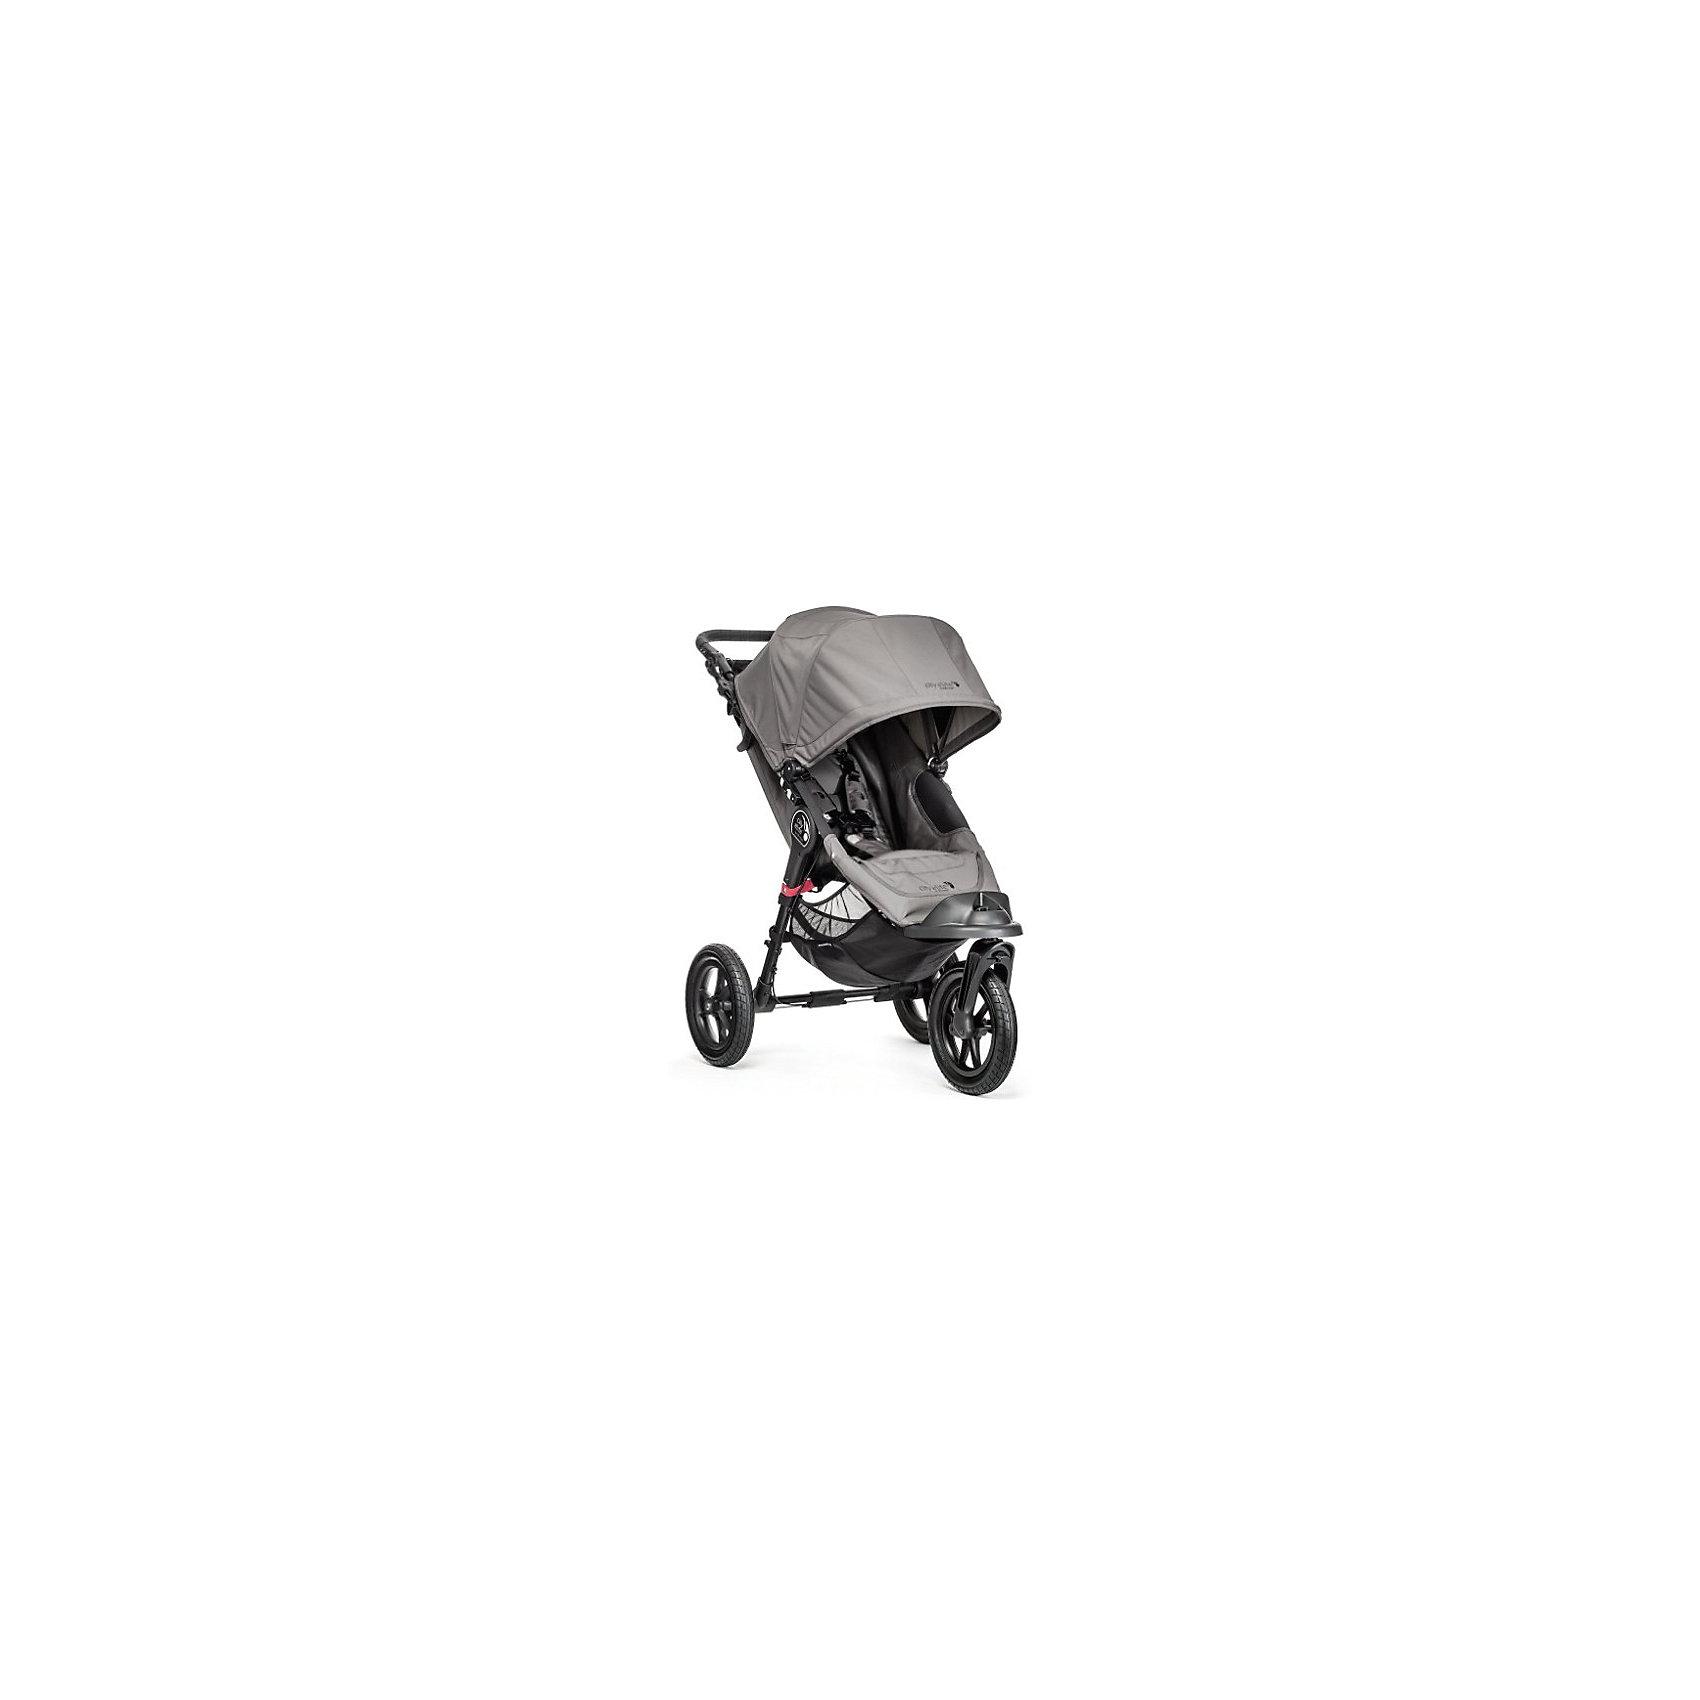 Прогулочная коляска Baby Jogger City Elite Single, серыйПрогулочные коляски<br>City Elite - роскошная коляска премиального класса от американской компании Baby Jogger! Никогда еще прогулка с малышом не была такой комфортной и удобной, как с коляской Сити Элит. Коляска является настоящим внедорожником, имеет большие колеса, которые помогут вам с легкостью преодолевать любые препятствия и расстояния. City Elite снабжена множеством комфортных мелочей для вас и вашего ребенка - вентиляционные окошки на магнитах, регулируемая подножка, регулируемая по высоте ручка, мягкое, отделанное плюшем, эргономичное сиденье, регулируемые пятиточечные ремни безопасности. Как и другие модели Baby Jogger, коляска имеет уникальную запатентованную систему складывания Quick Fold, которая позволяет быстро и легко сложить коляску одной рукой. <br><br>Дополнительная информация:<br><br>- Материал: алюминий, текстиль, резина, пластик.<br>- Размер в разложенном виде: 100х66х116 см<br>- Размер в сложенном виде с колесами: 83х73х28 см<br>- Внутренние размеры (с подножкой): 95х30 см<br>- Вес: 11 кг<br>- Количество колес: 3.<br>- Надувные колеса диаметром 30 см.  <br>- Широкоформатный протектор шин<br>- Тип складывания: книжка.<br>- Колеса съемные.<br>- Диаметр колес: 20 см.<br>- Ножной тормоз.<br>- Регулируемый наклон спинки (до 170 градусов).<br>- Пятиточечные ремни безопасности.<br>- Корзина для вещей.<br>- Сетчатый карман для мелочей. <br>- Глубокий капюшон регулируется в 3 положениях. <br>- Система автофиксации коляски в сложенном виде.<br>- Полукруглая ручка удобной эргономичной формы.<br>- Возможность установки детских автокресел Graco, MaxiCosi, Britax группы 0+<br>- Максимальный вес ребенка: 34 кг.<br><br>Прогулочную коляску City Elite Single, Baby Jogger (Бэби Джоггер), серую, можно купить в нашем магазине.<br><br>Ширина мм: 1190<br>Глубина мм: 670<br>Высота мм: 1160<br>Вес г: 14100<br>Возраст от месяцев: 6<br>Возраст до месяцев: 36<br>Пол: Унисекс<br>Возраст: Детский<br>SKU: 4711686